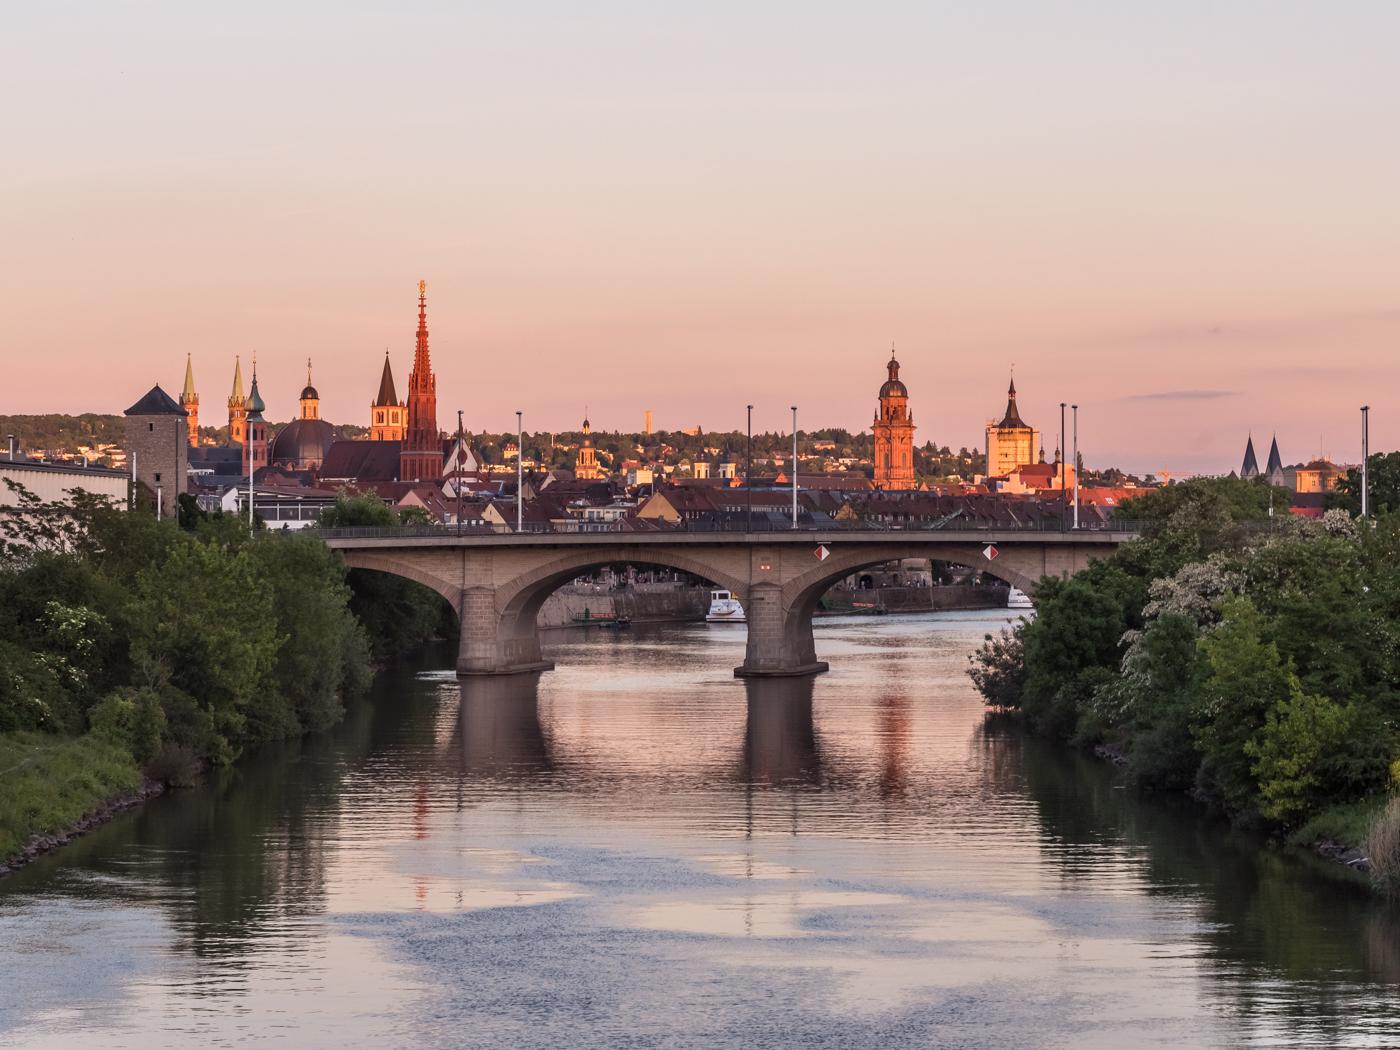 Blick auf die Friedensbrücke und die Stadt Würzburg. Foto: Pascal Höfig